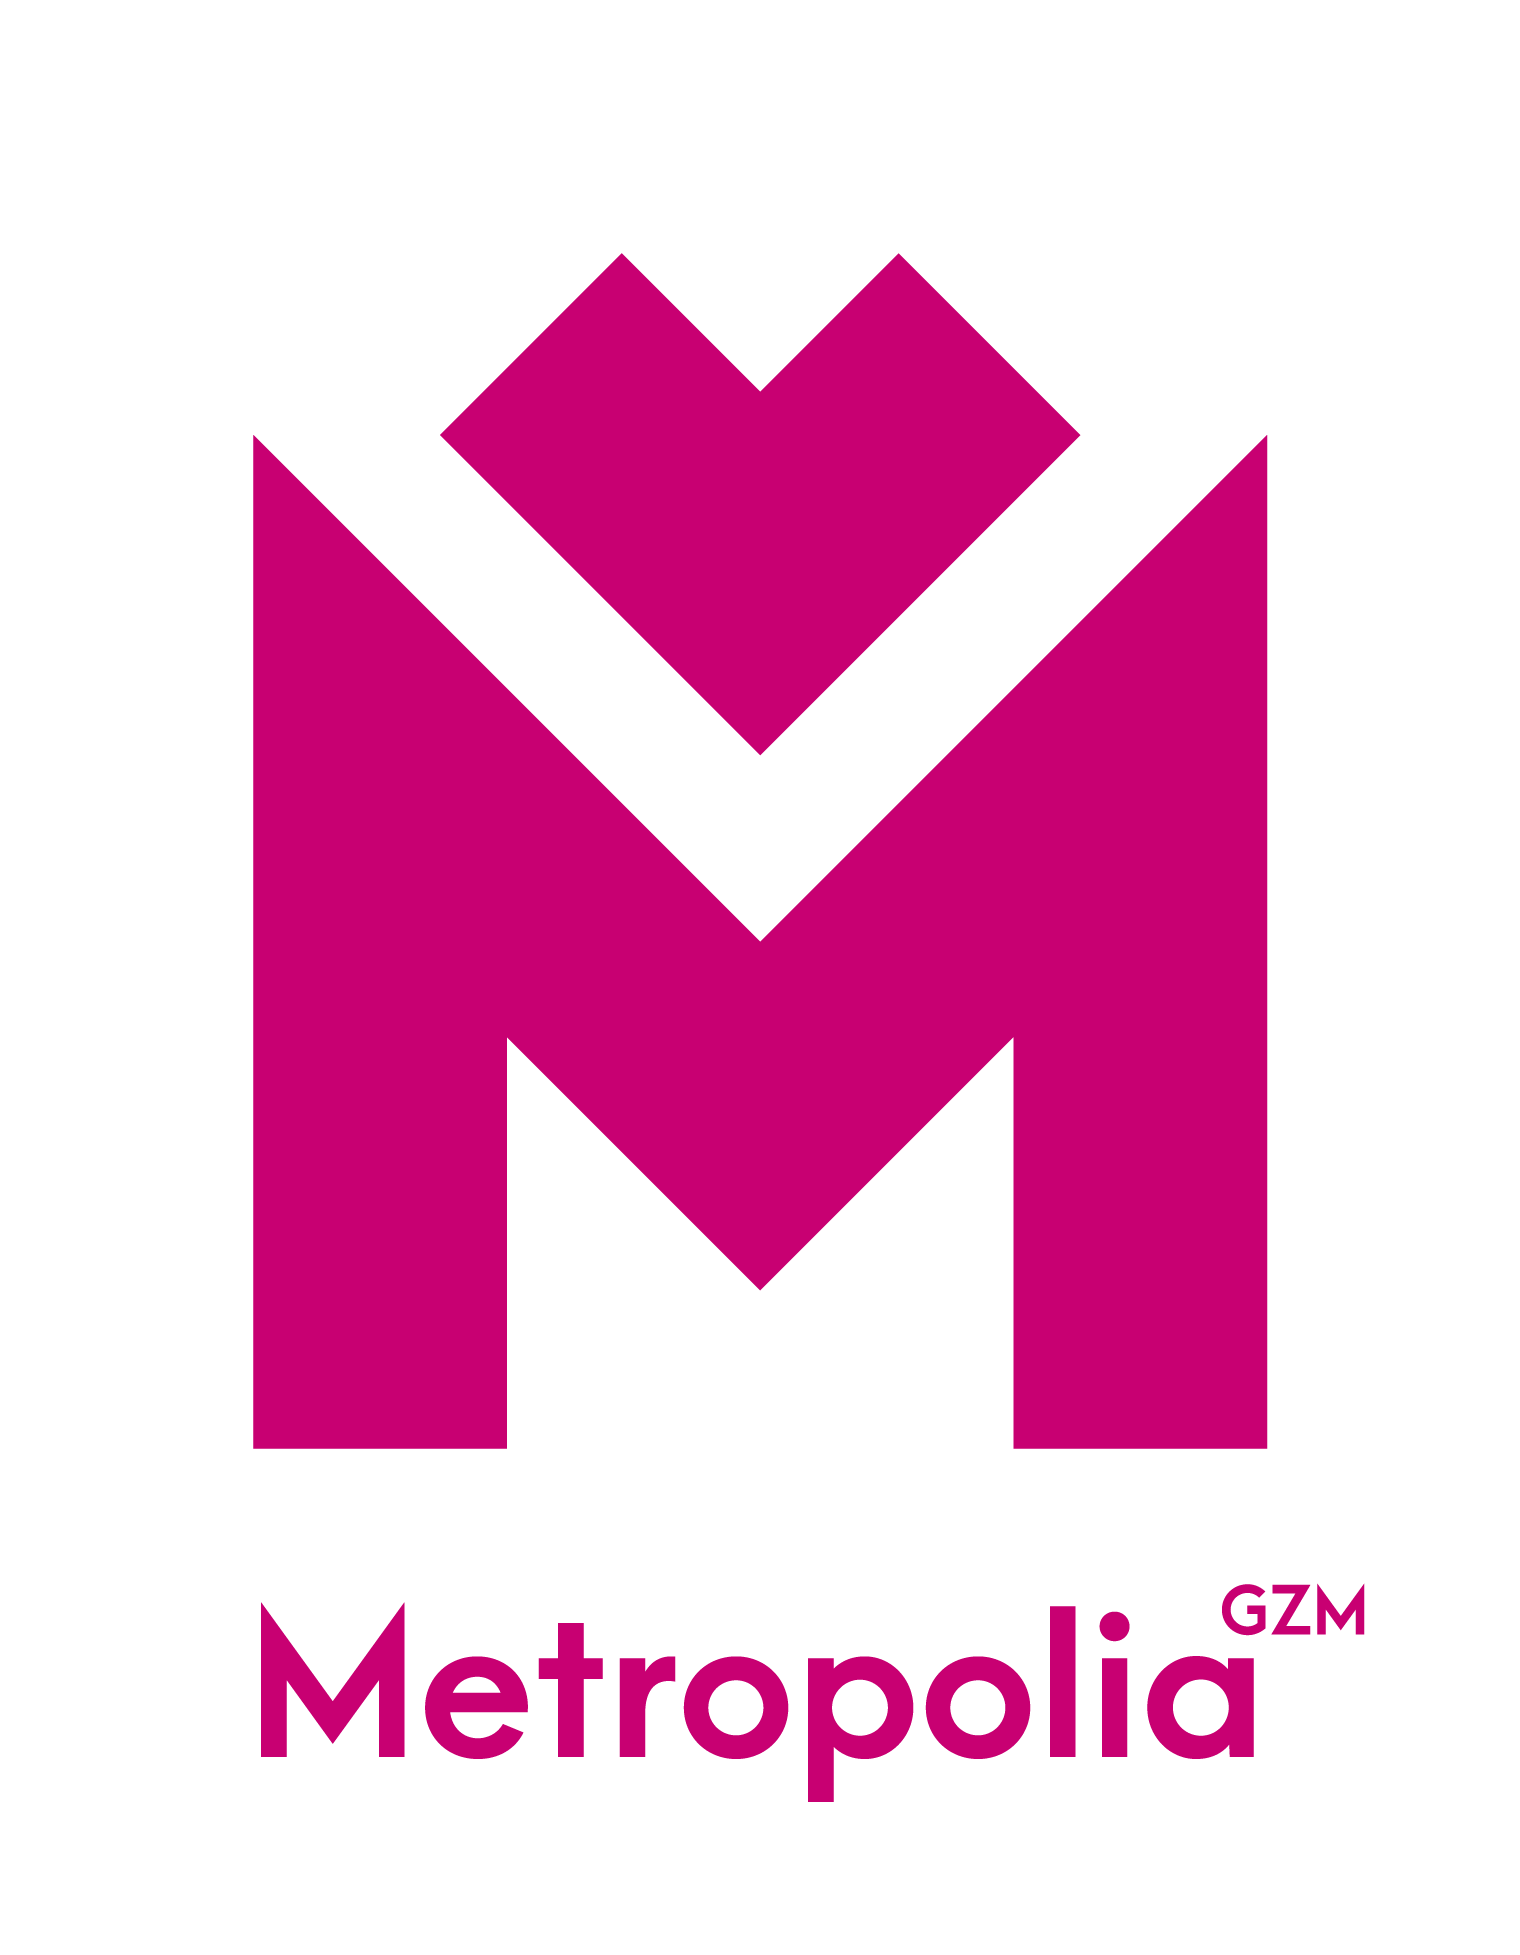 Logo: Metropolia GZM